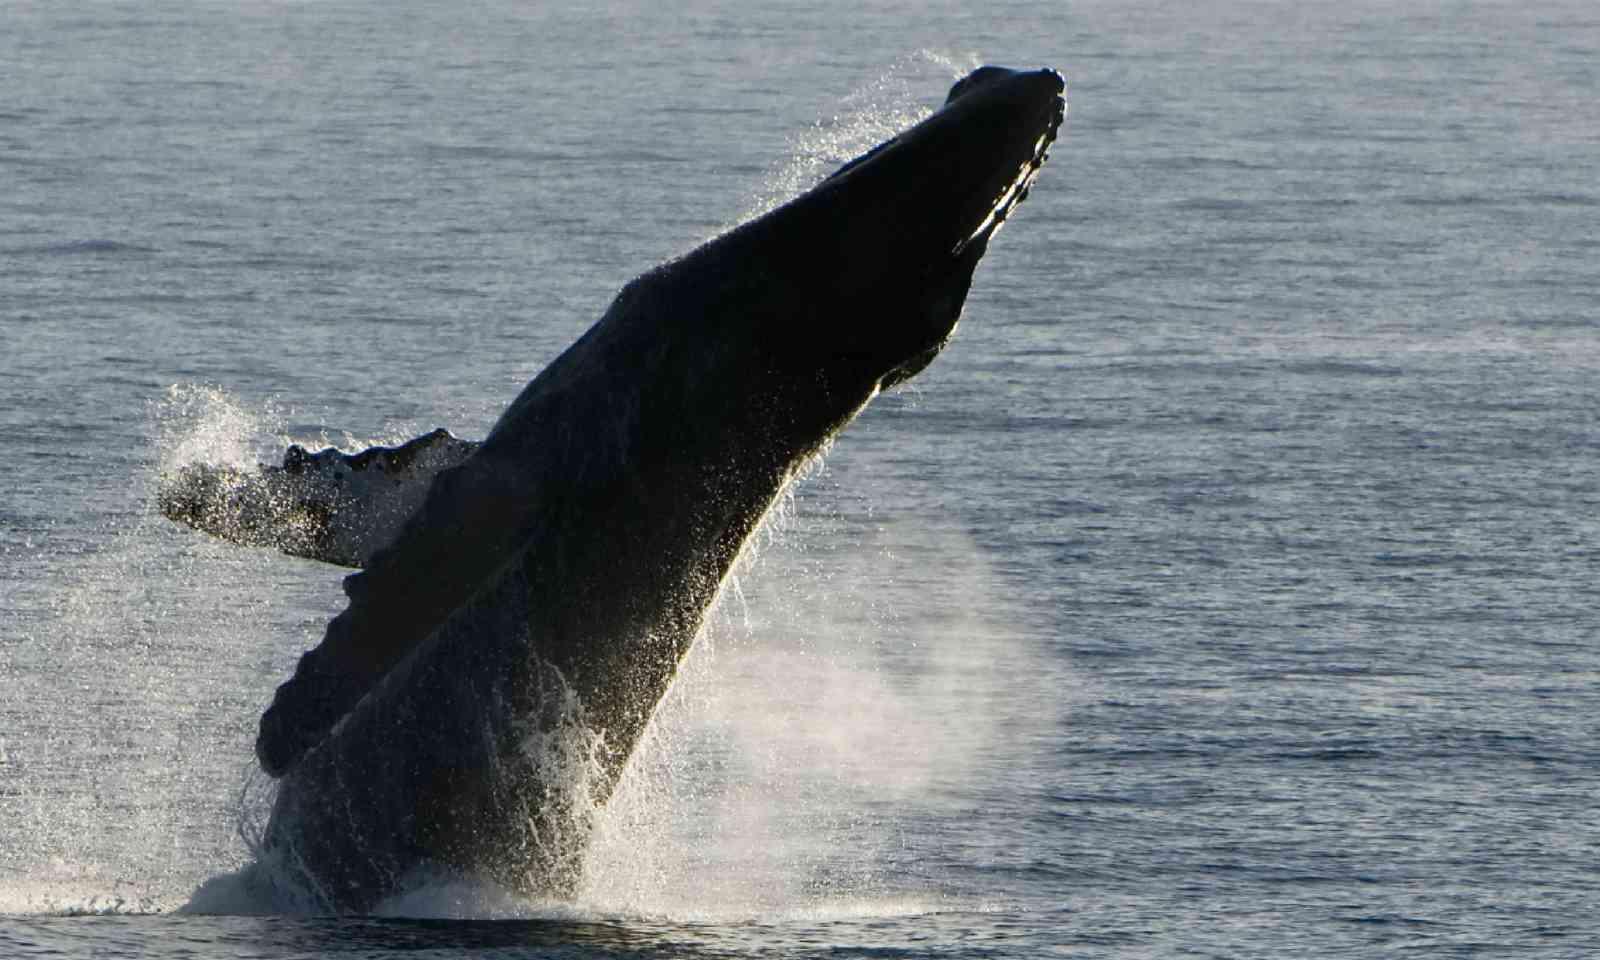 Humpback whale breach, Baja California (Shutterstock)